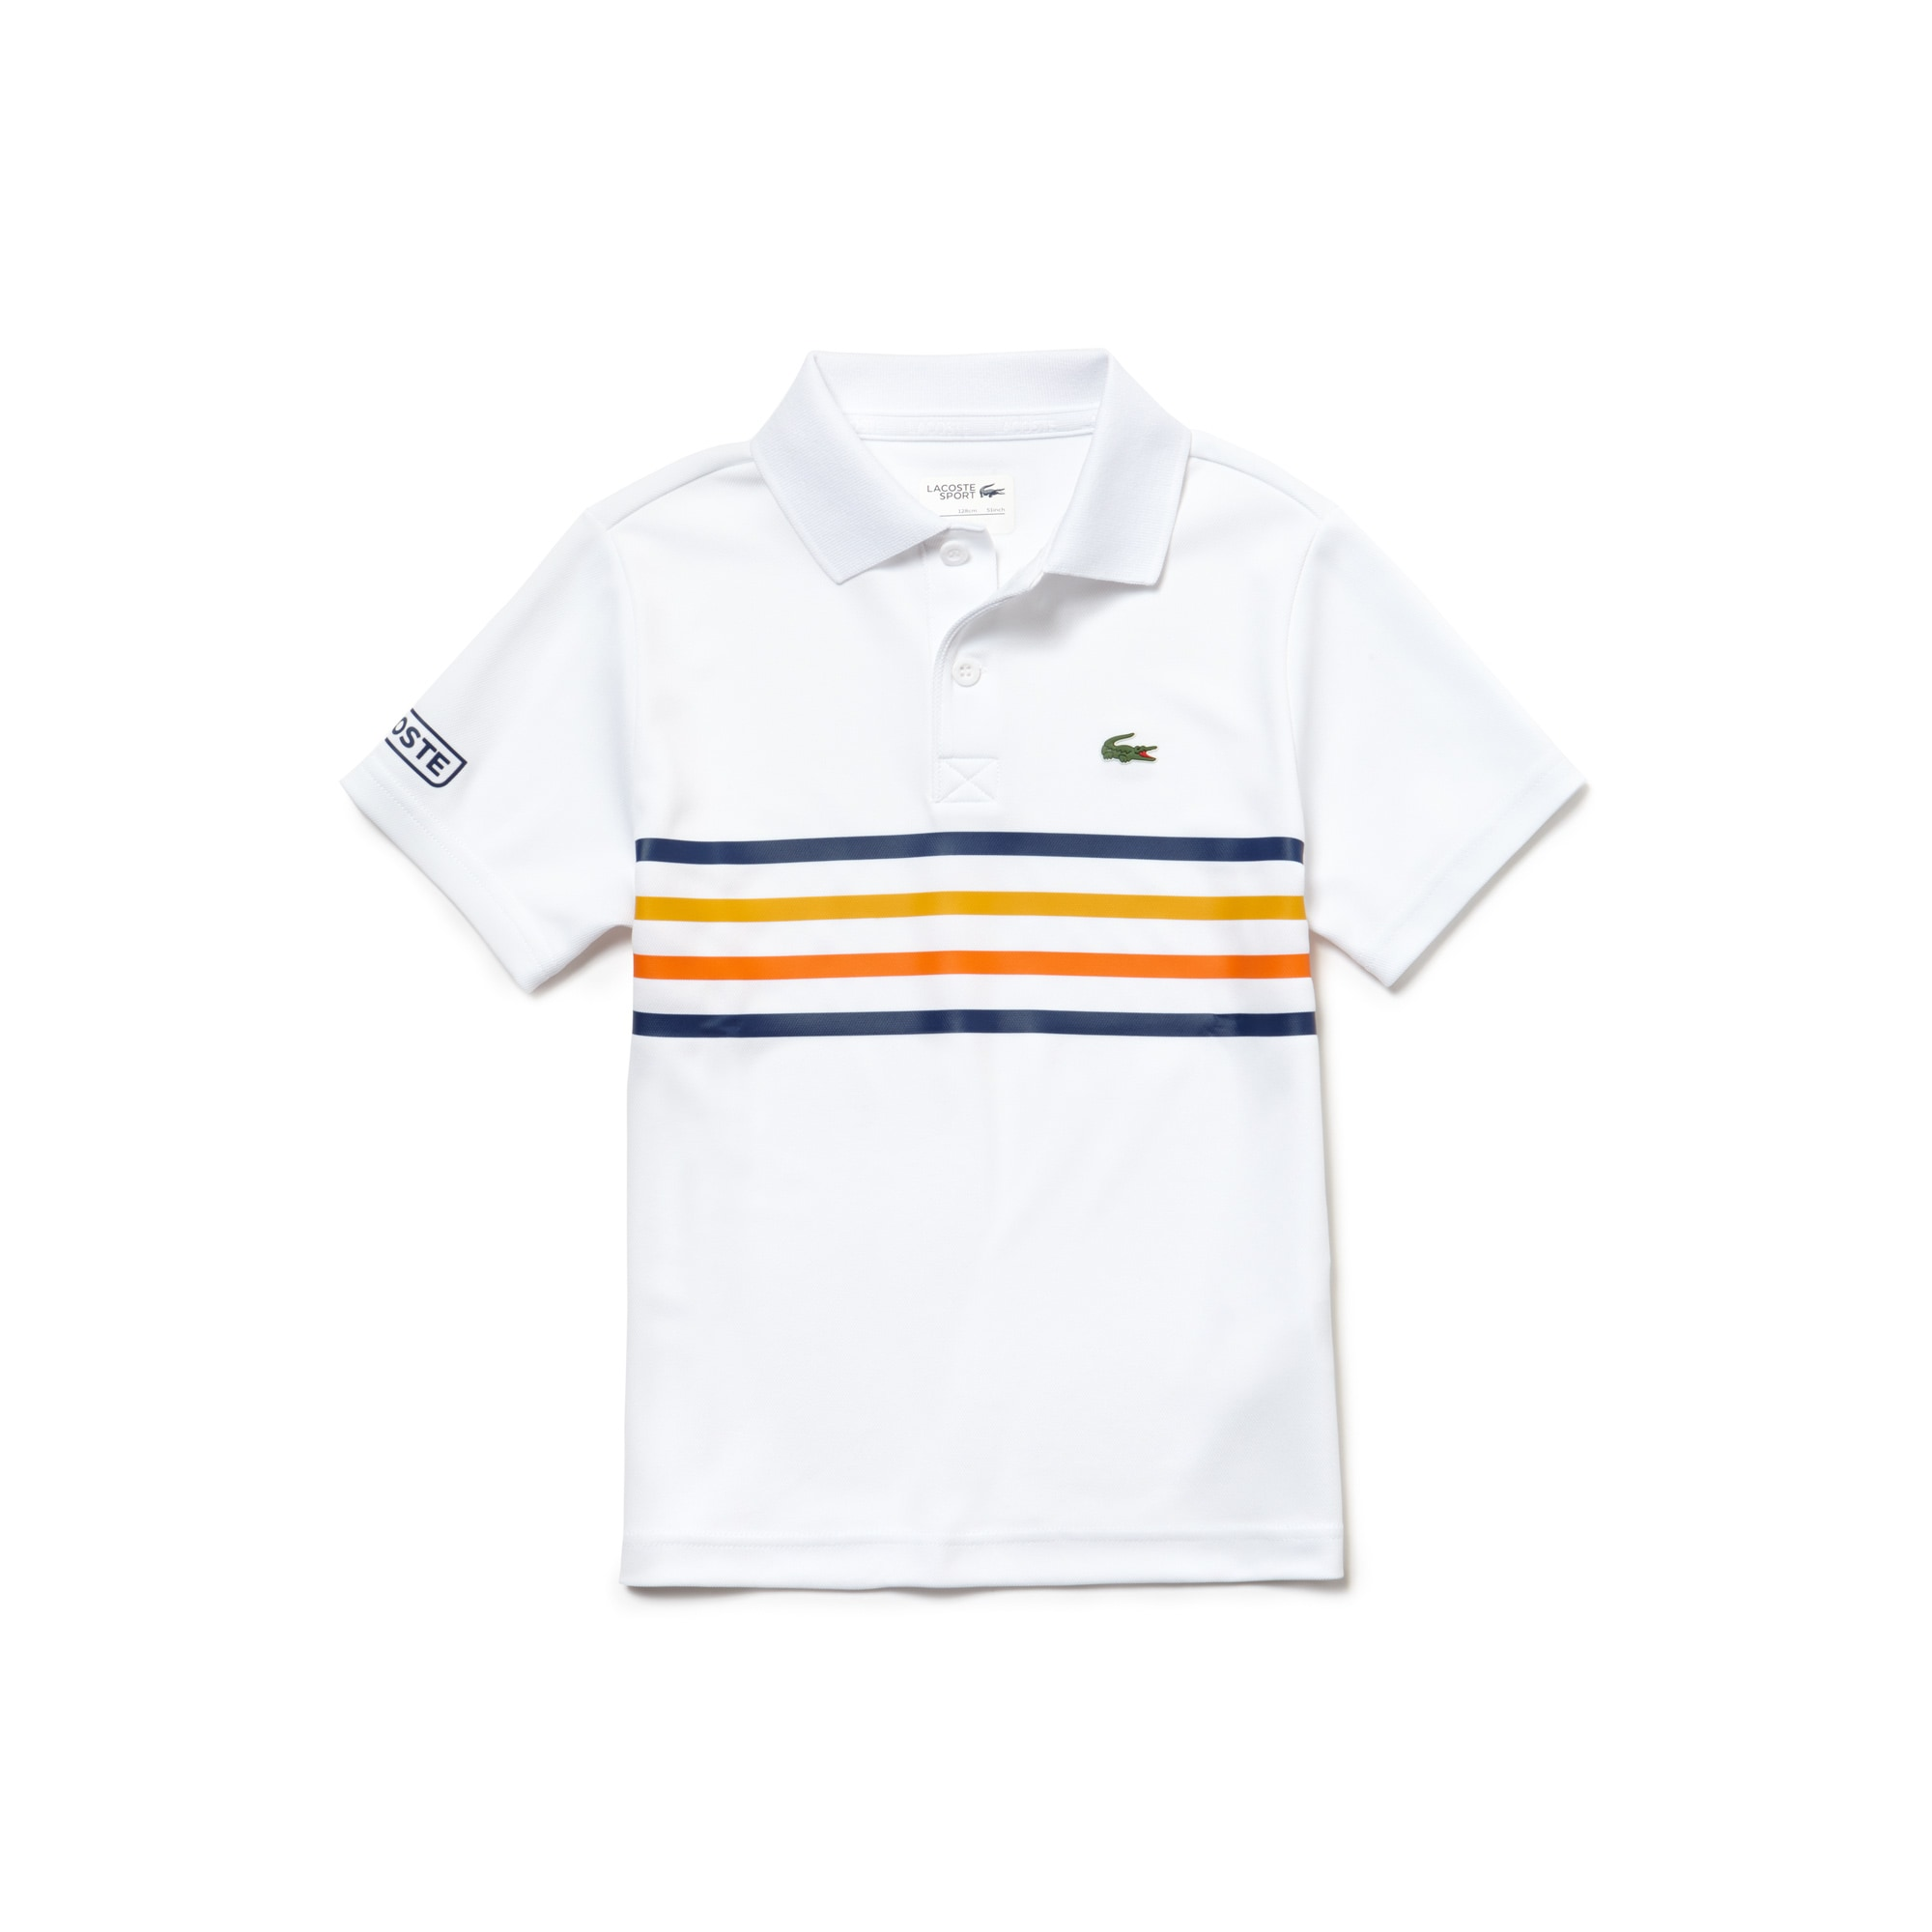 Lacoste SPORT Tennis-polo jongens technisch piqué met gekleurde strepen